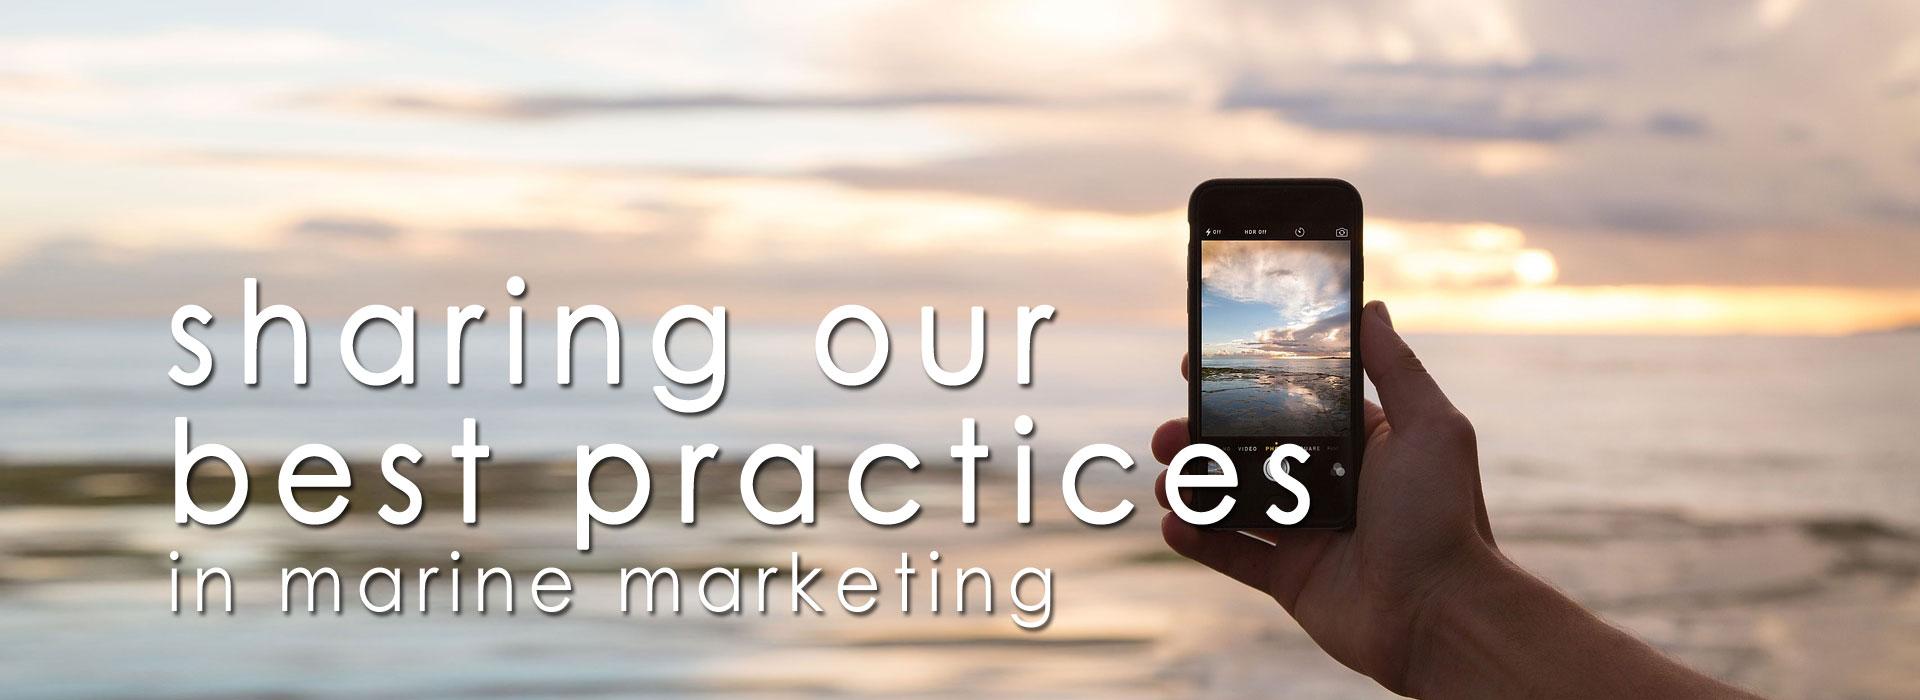 best practices marine marketing